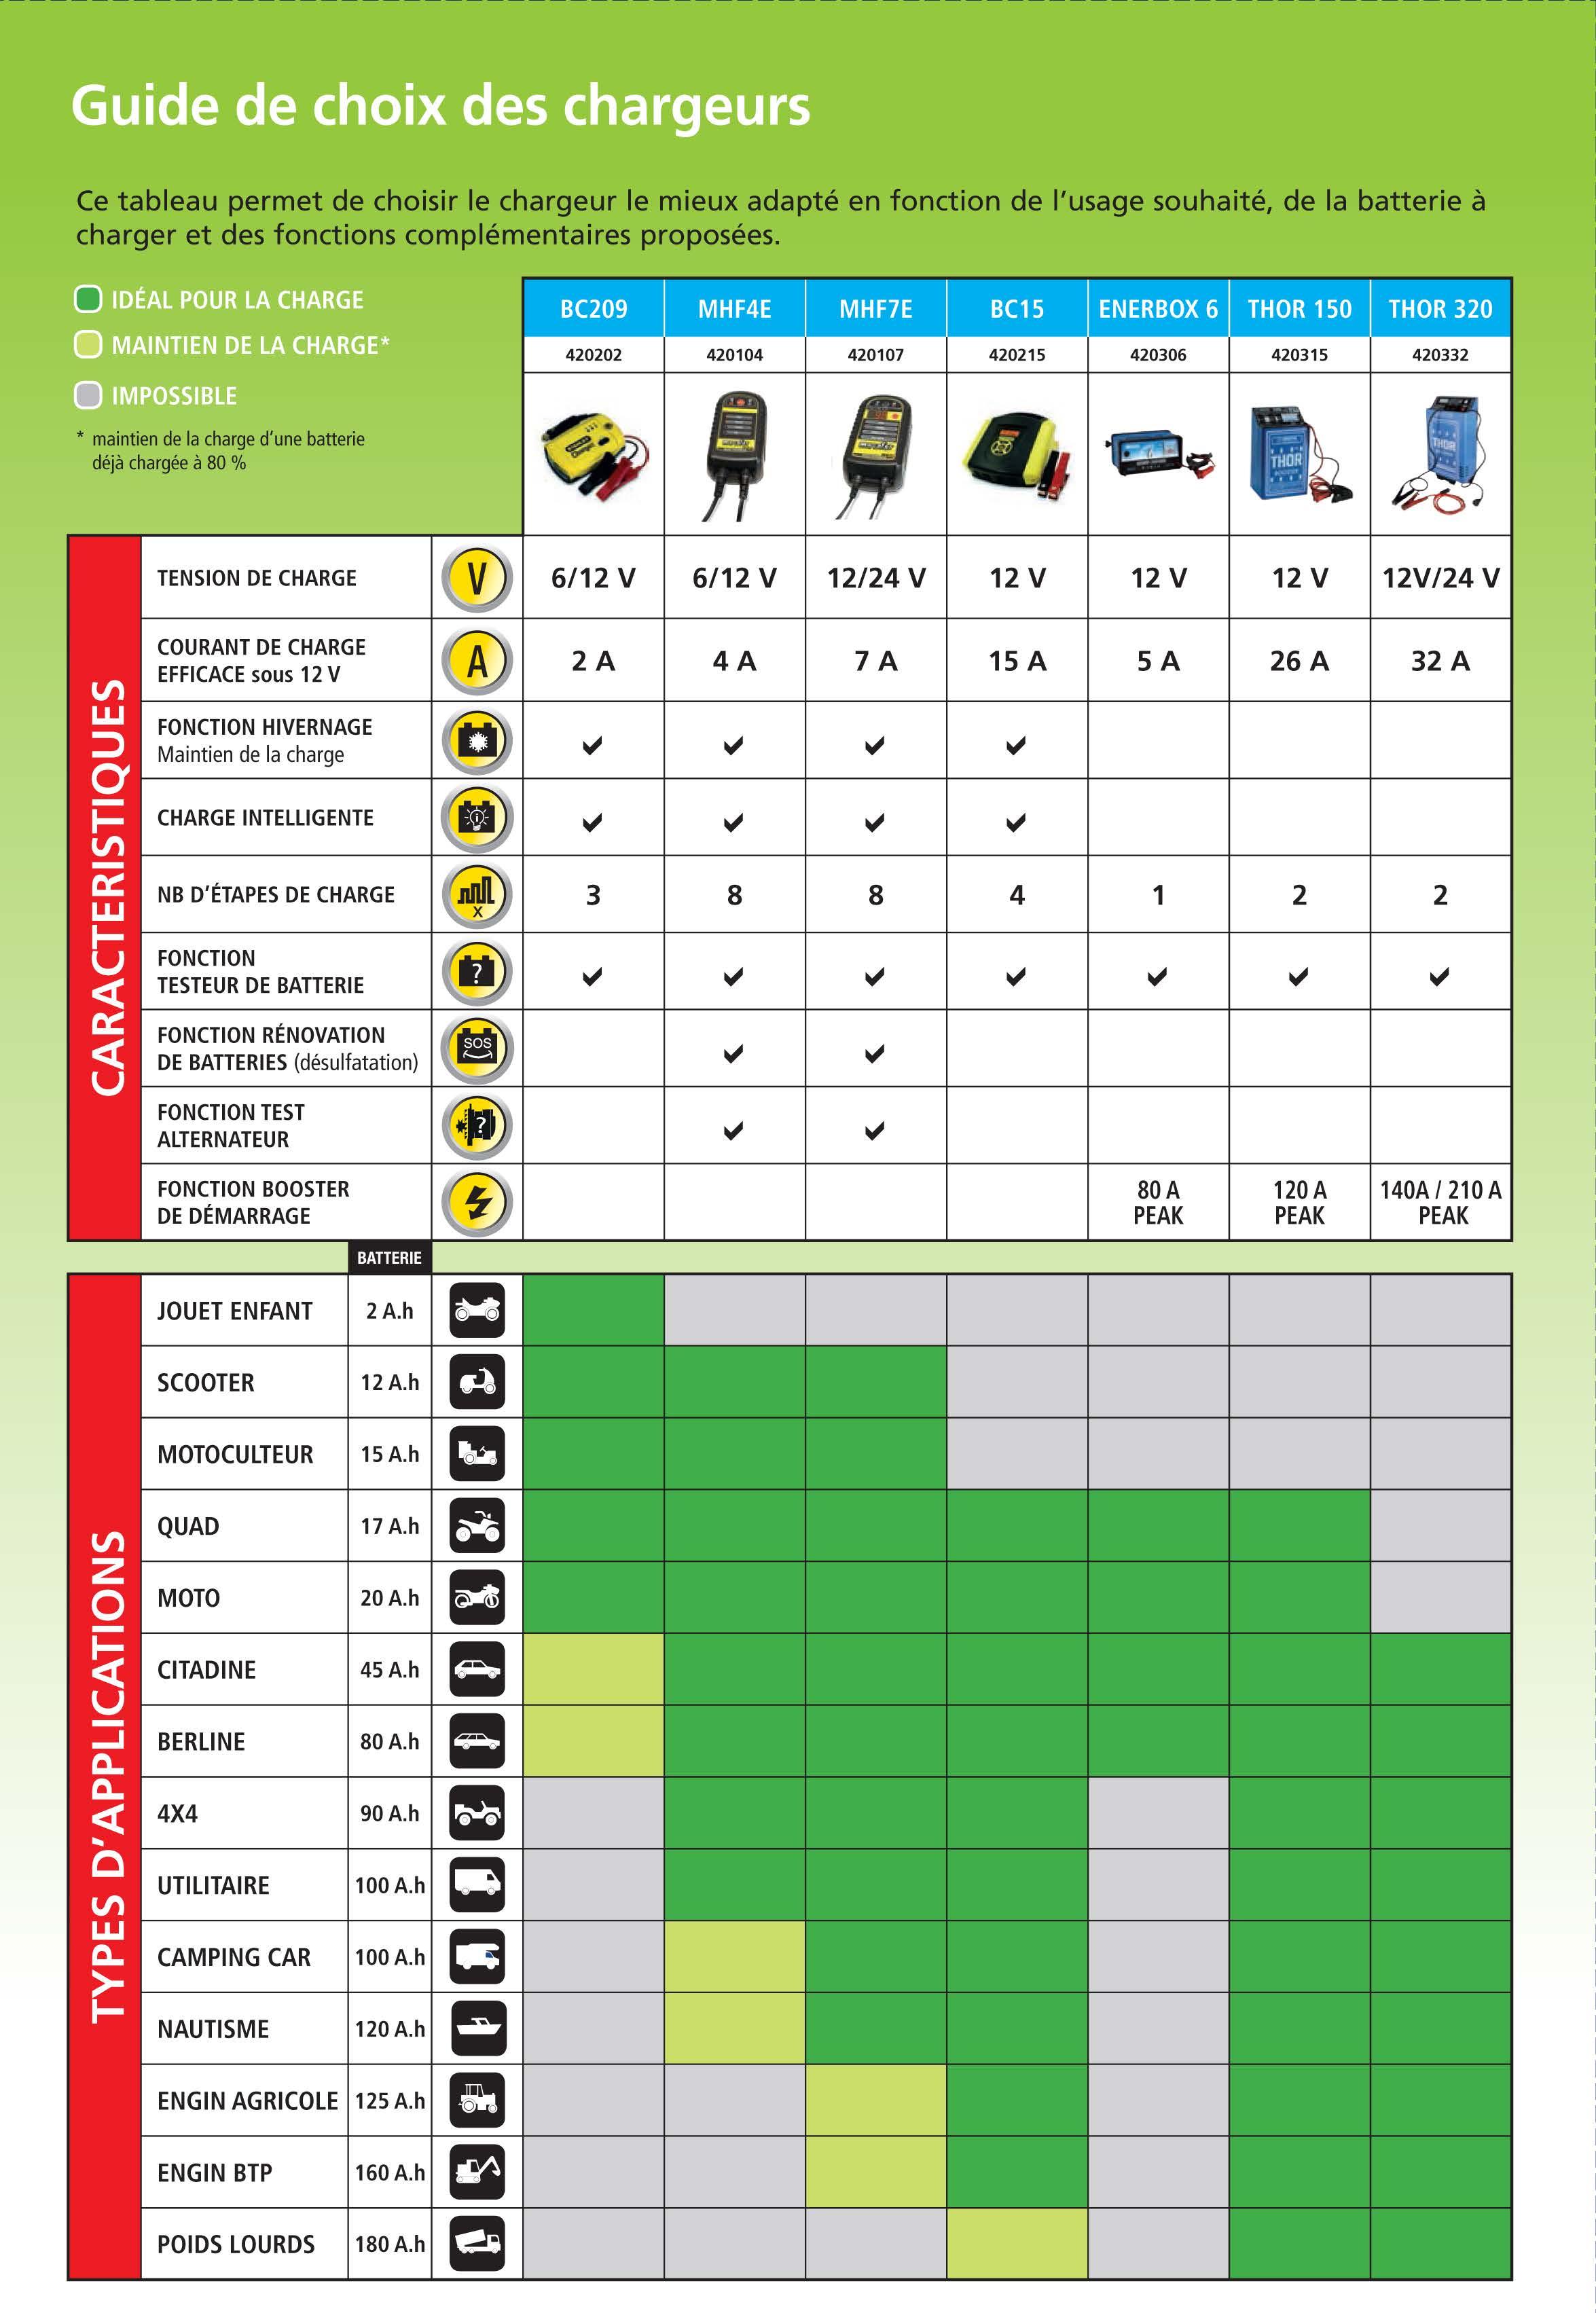 guide de choix chargeur de batterie automobile